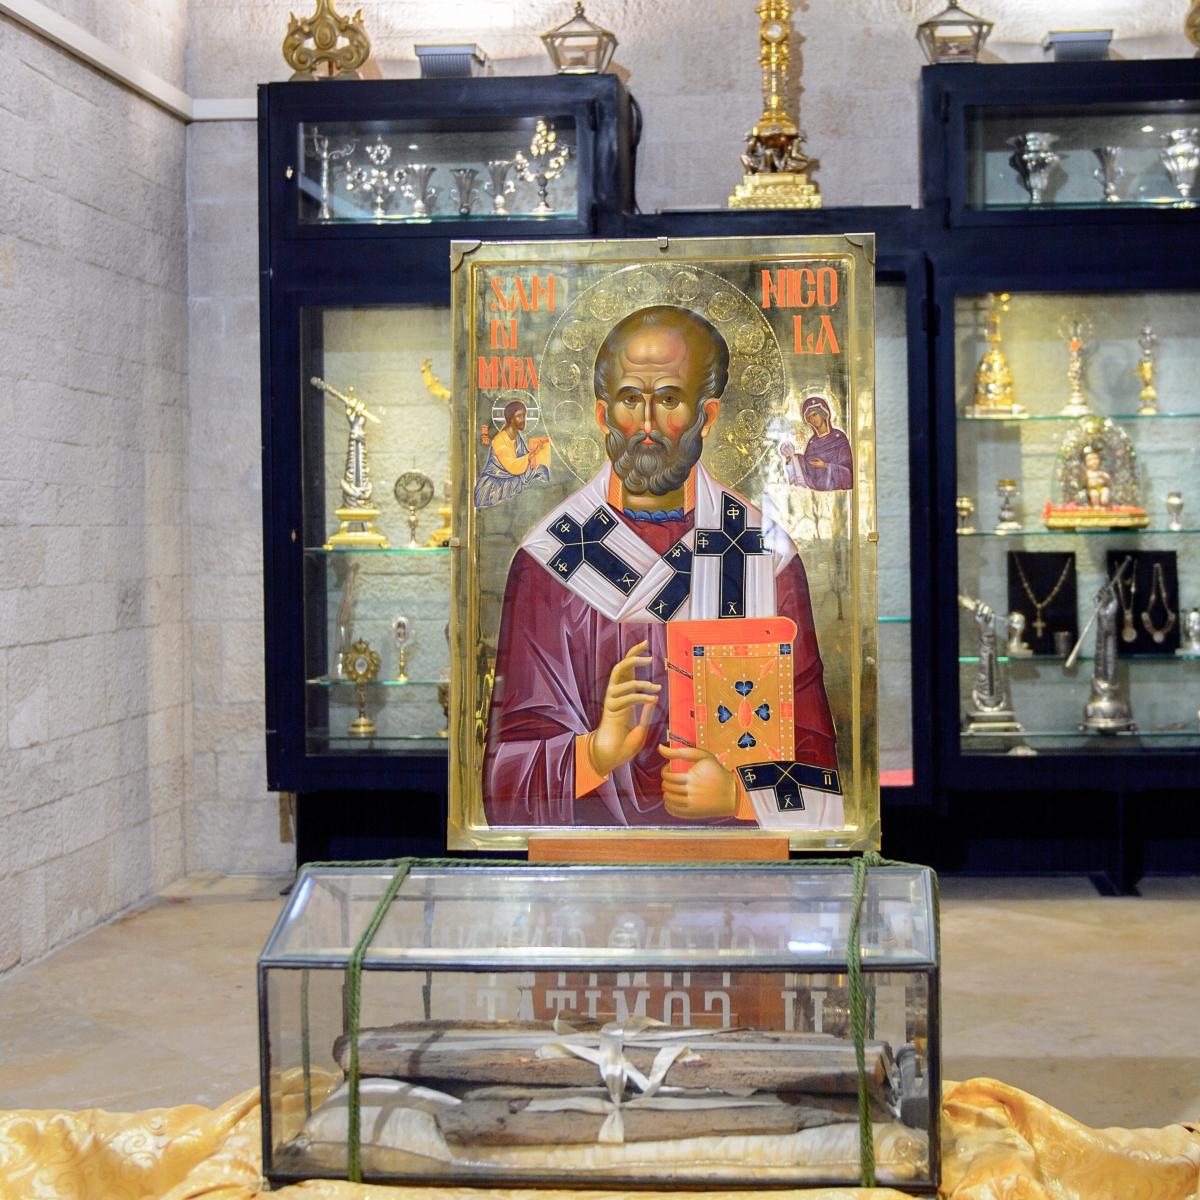 Icoana Sfantului Nicolae, din Bazilica Sfantul Nicolae, din Bari